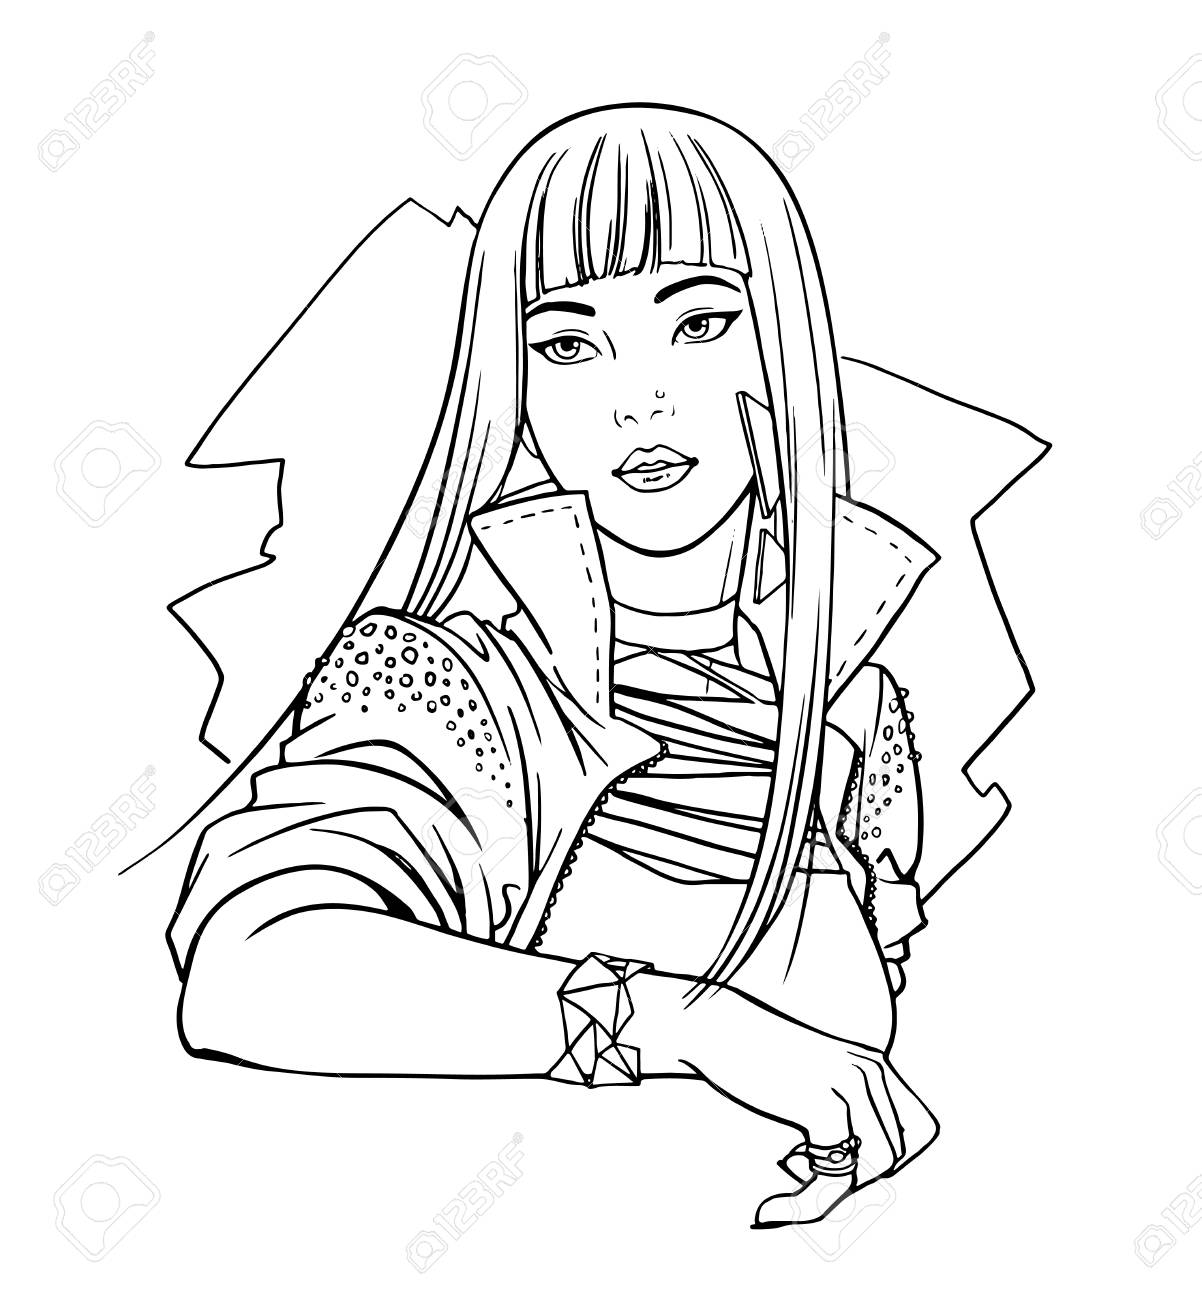 Ilustración Del ídolo Adolescente Japonés Del ídolo, Muchacha ...